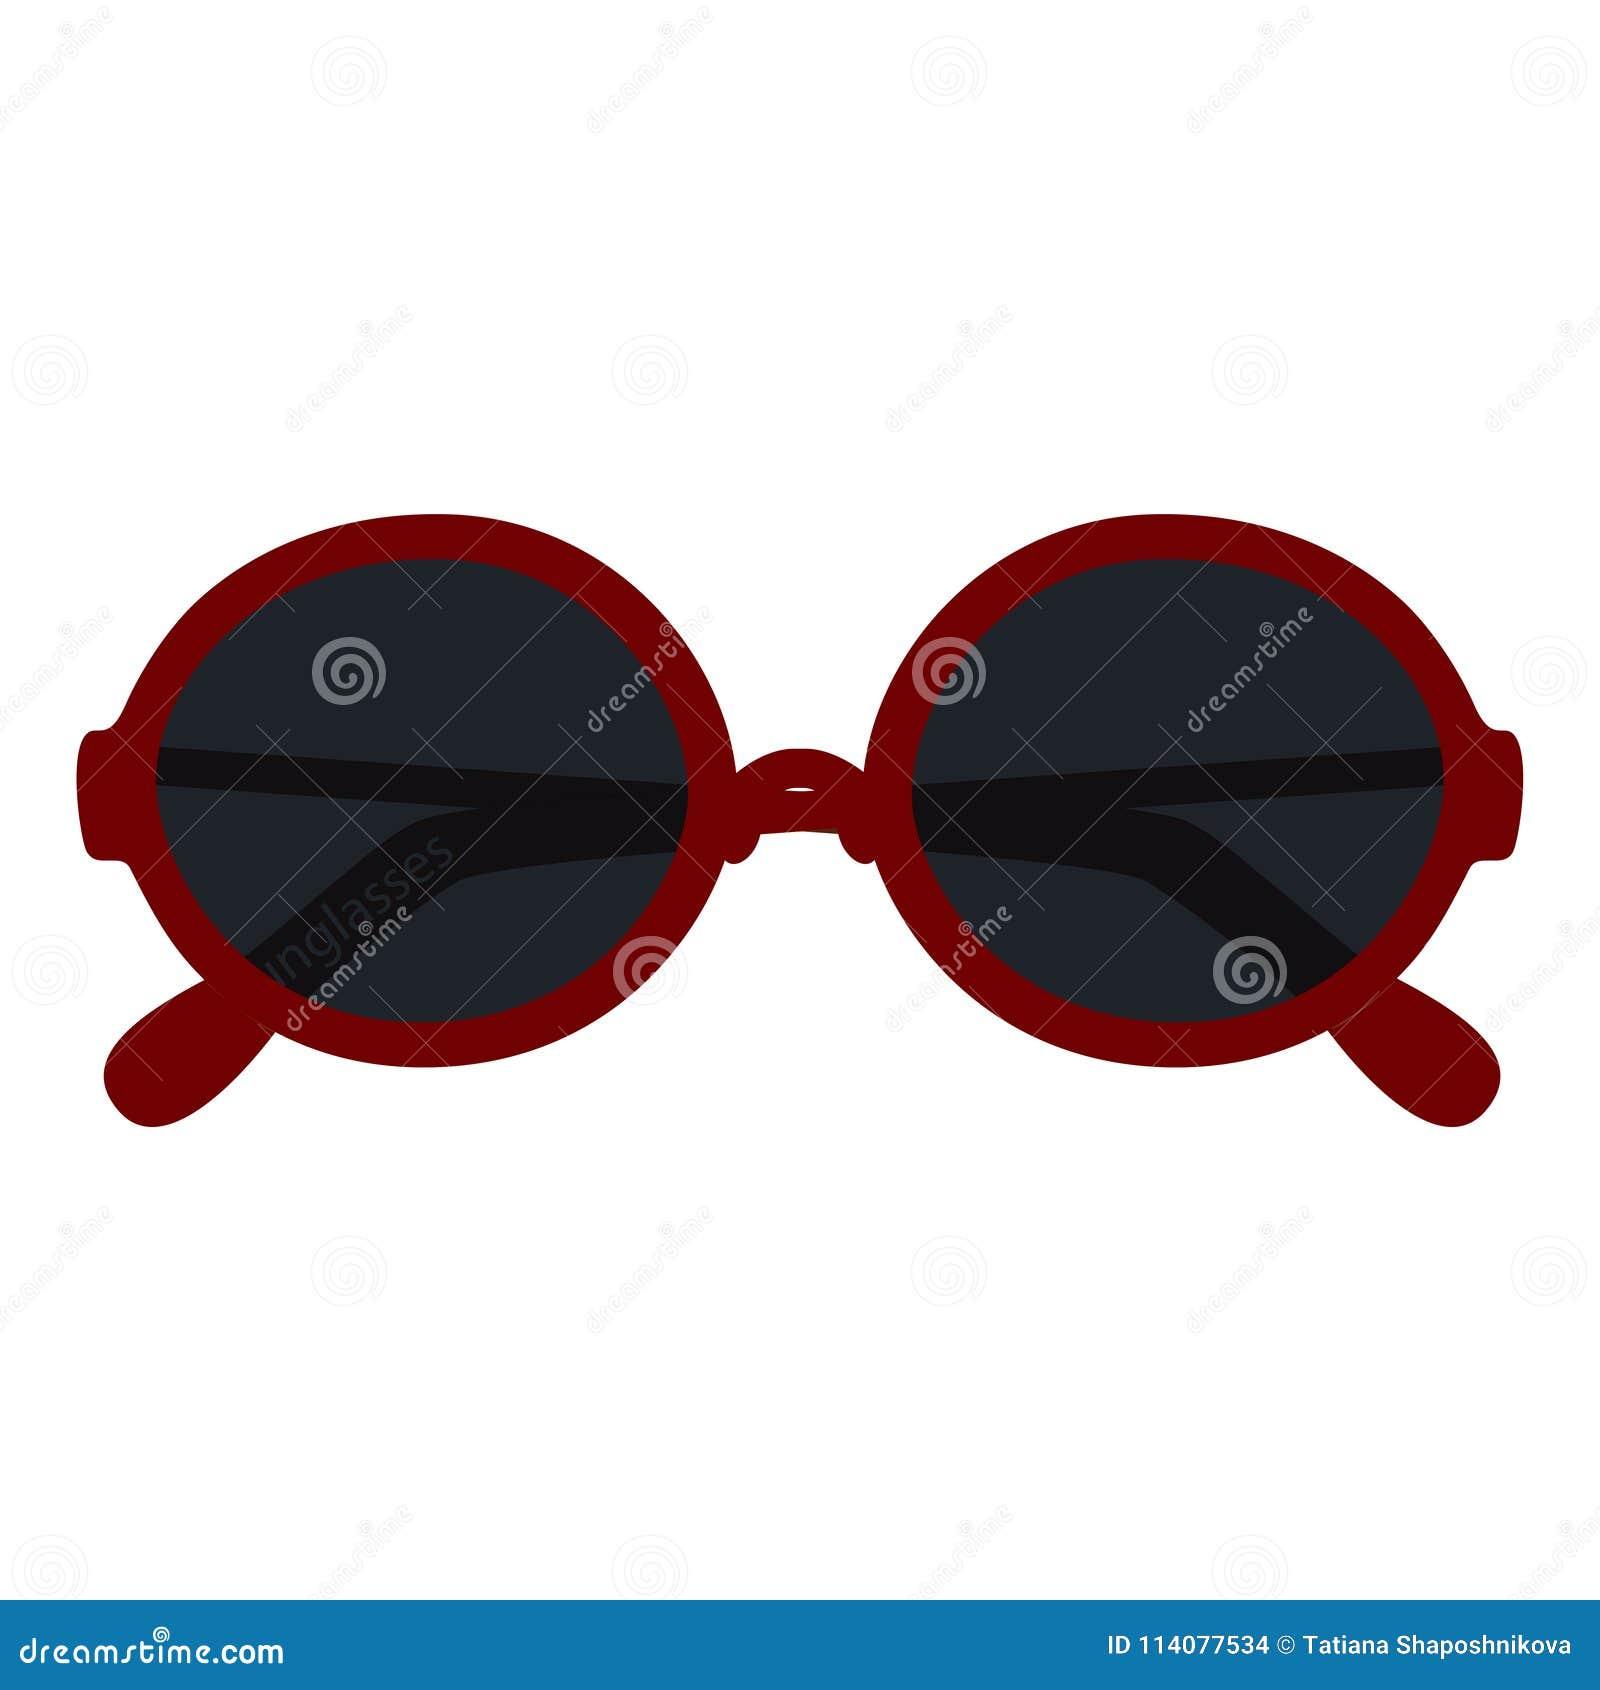 On Fashion Isolated White Round Sunglasses Stock Background thrQsdxC